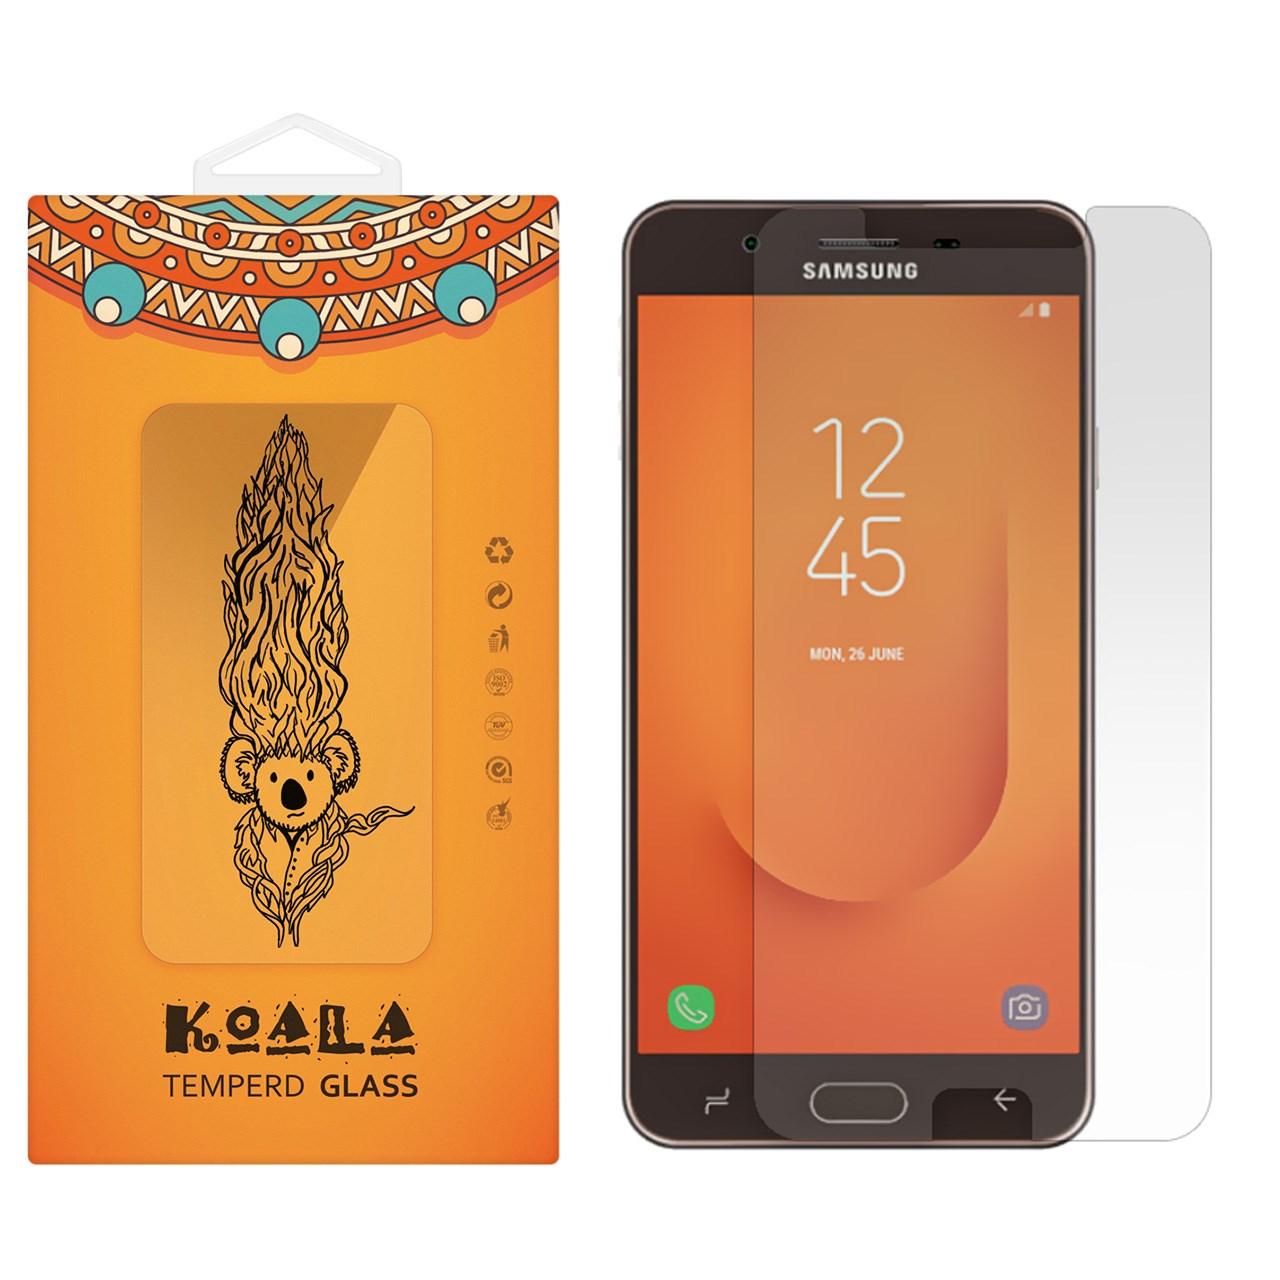 محافظ صفحه نمایش شیشه ای کوالا مدل Tempered مناسب برای گوشی موبایل سامسونگ Galaxy J7 Prime 2              ( قیمت و خرید)